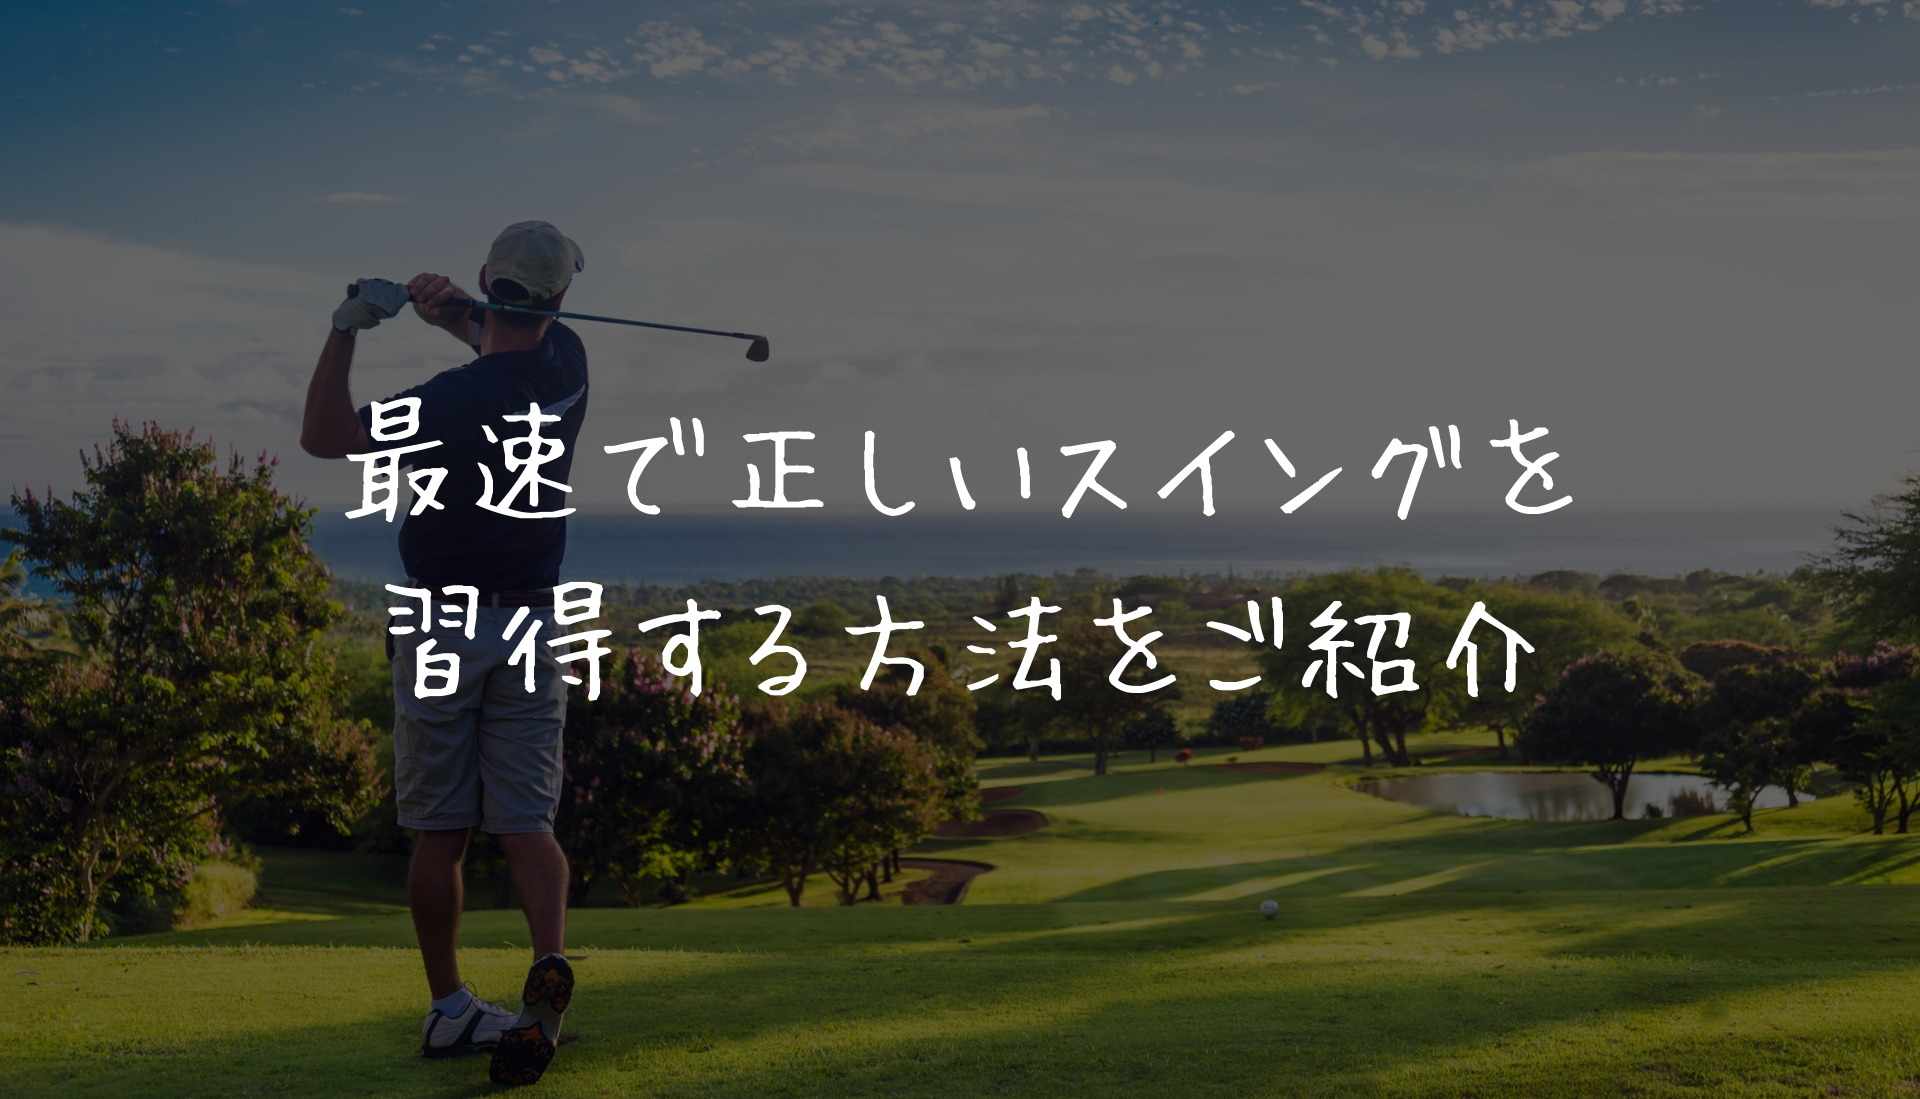 スイング スイングトレーナー ショップジャパン公式 通販